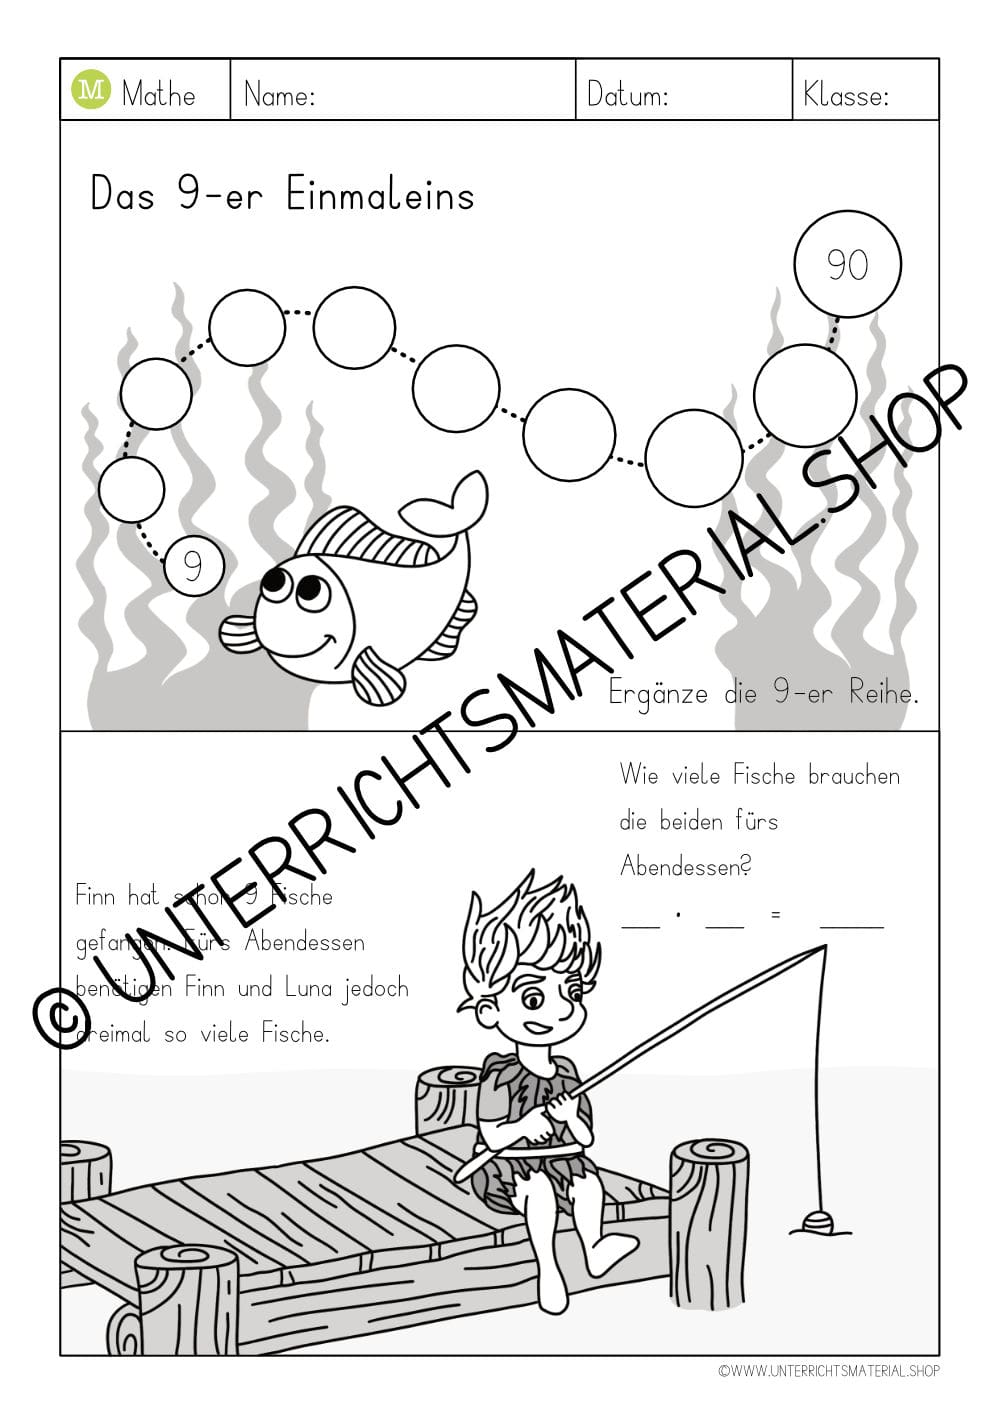 Arbeitsblatt 9-er Einmaleins